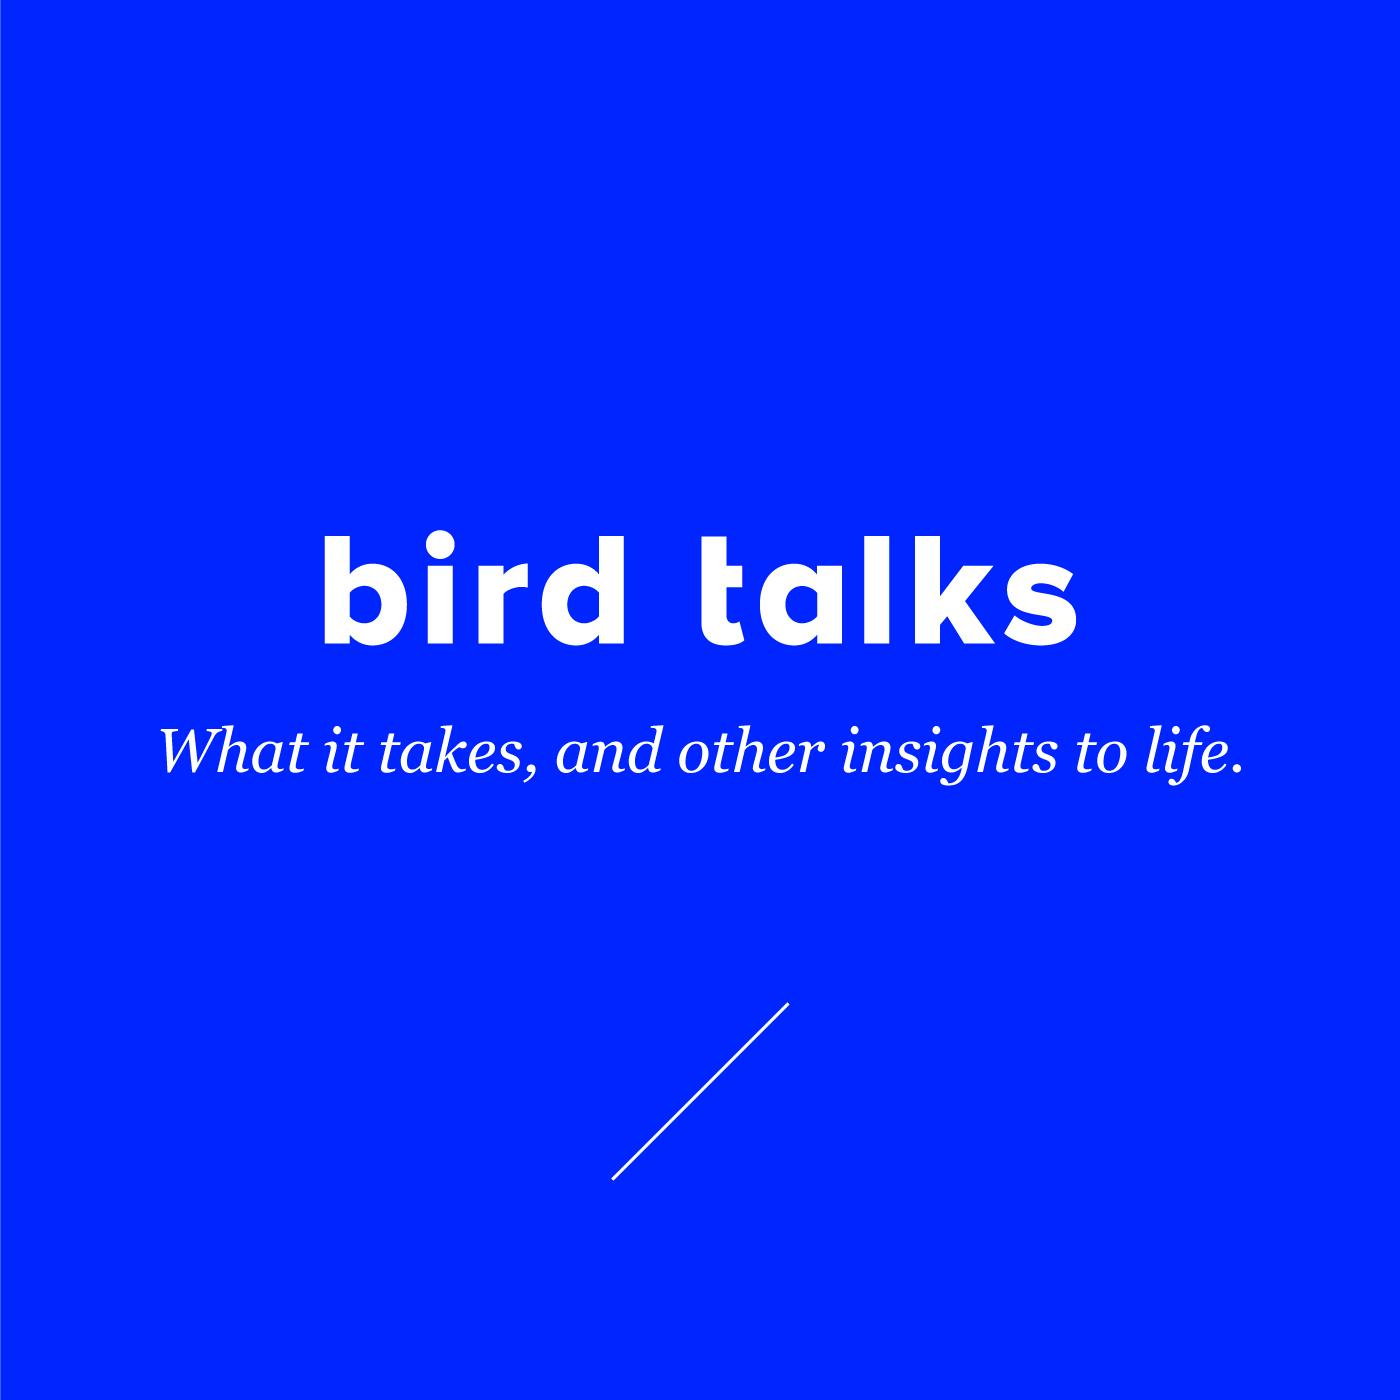 BirdTalks_About.jpg